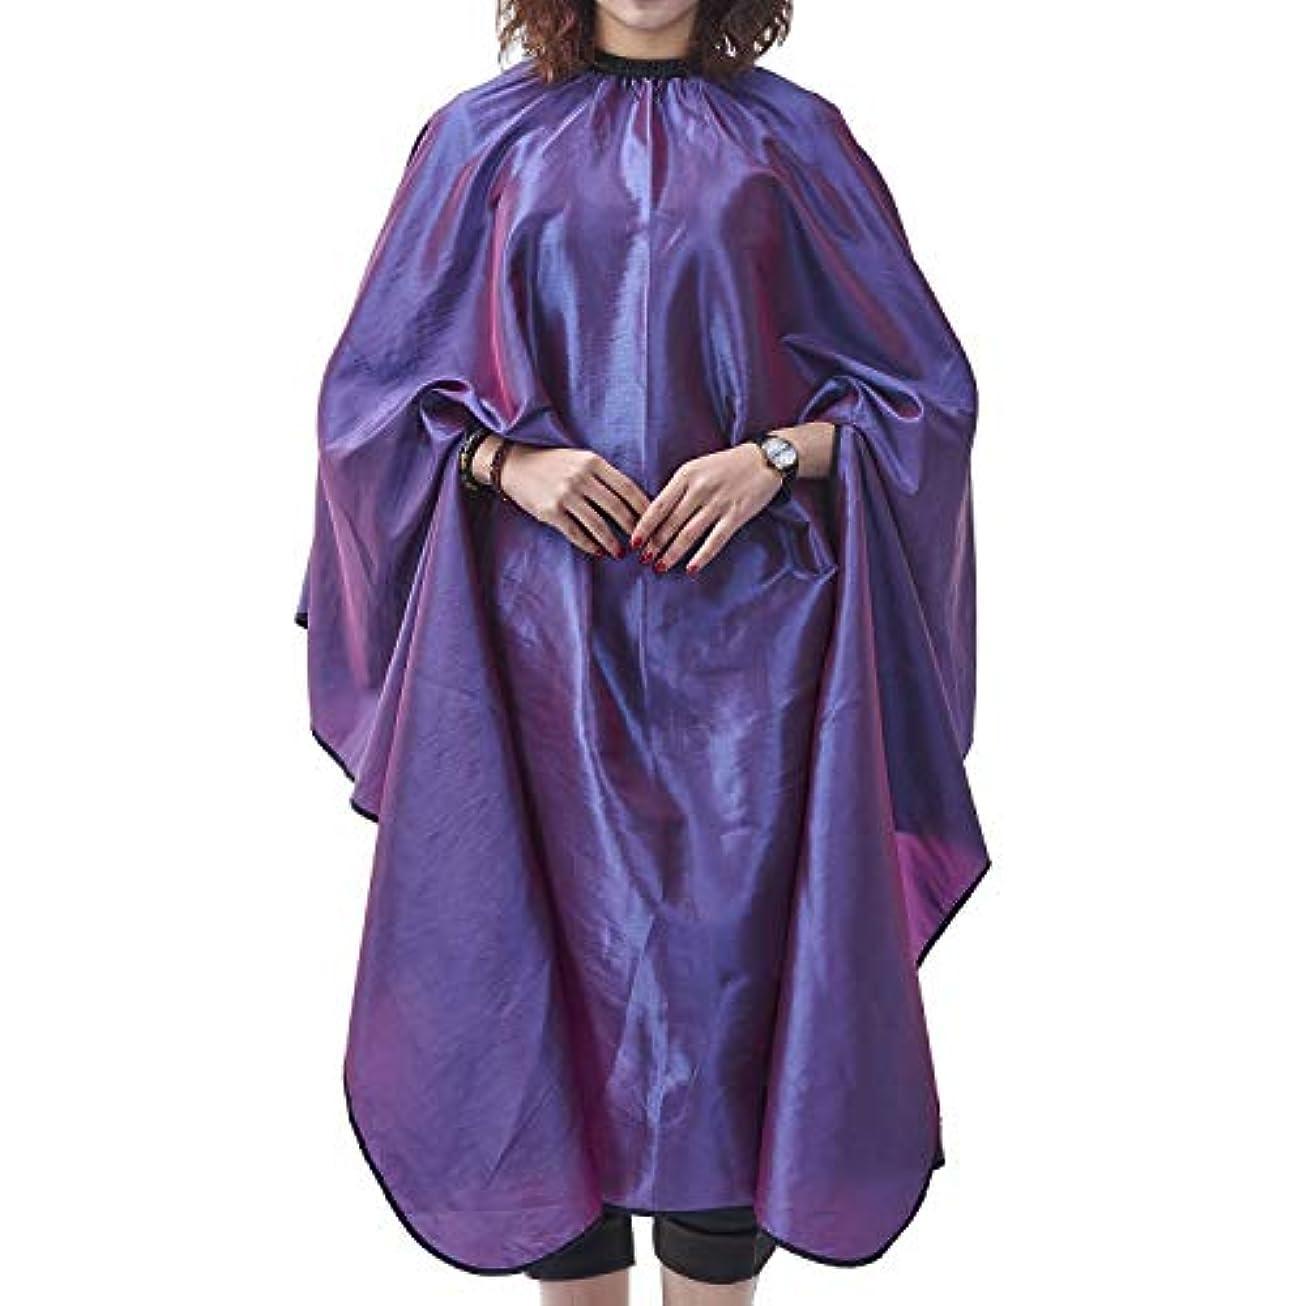 私たち注目すべき拘束HIZLJJ サロンケープエプロンバーバーシャ??ンプーオイルスタイリングヘアカット美容師職業理髪店用品よだれかけ (Color : Purple)